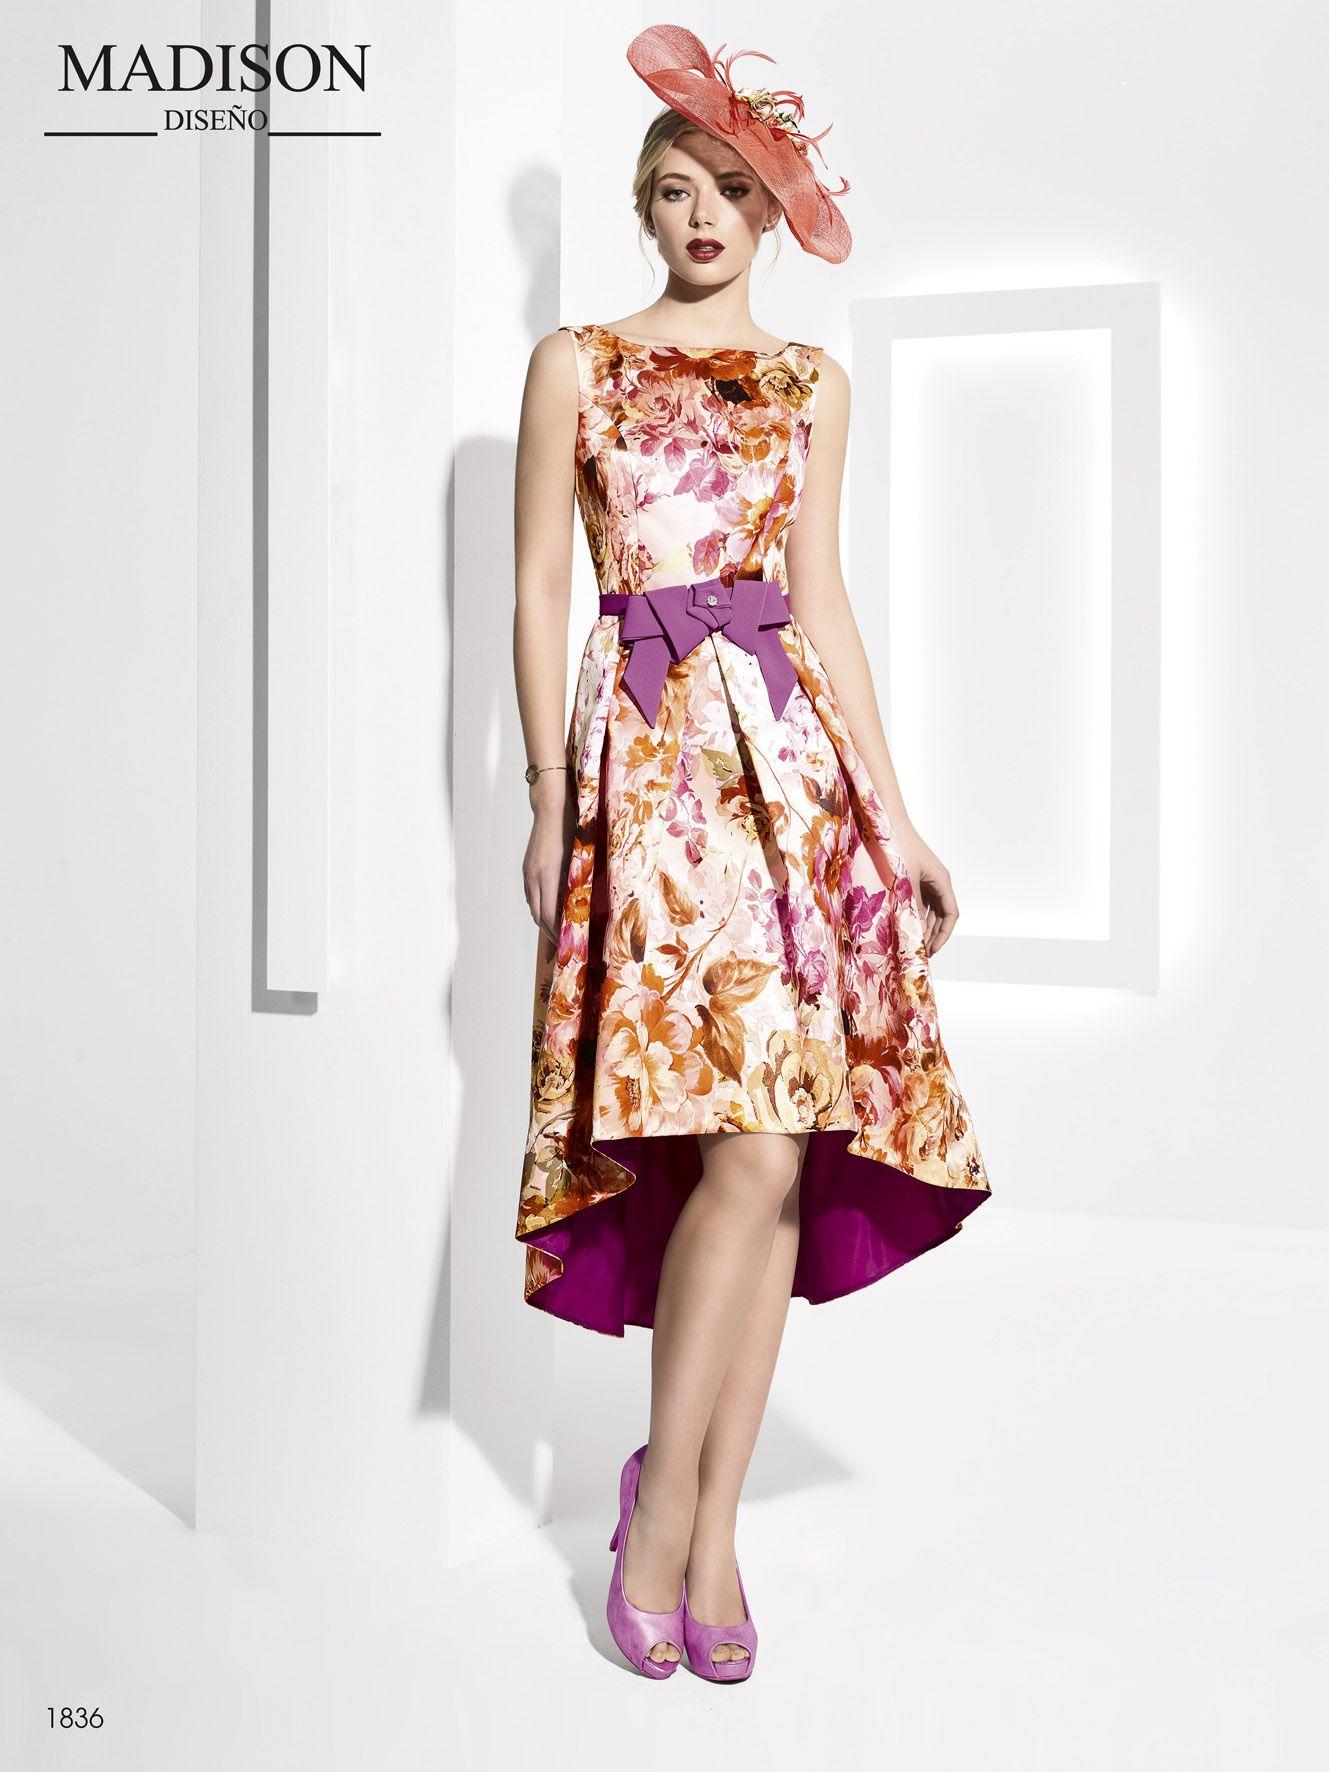 67fe00b491 El mikado estampado de flores otorga una nota de frescura y jovialidad a  este vestido  Madison con favorecedor corte evasé.  vestidodefiesta   fashion  moda ...